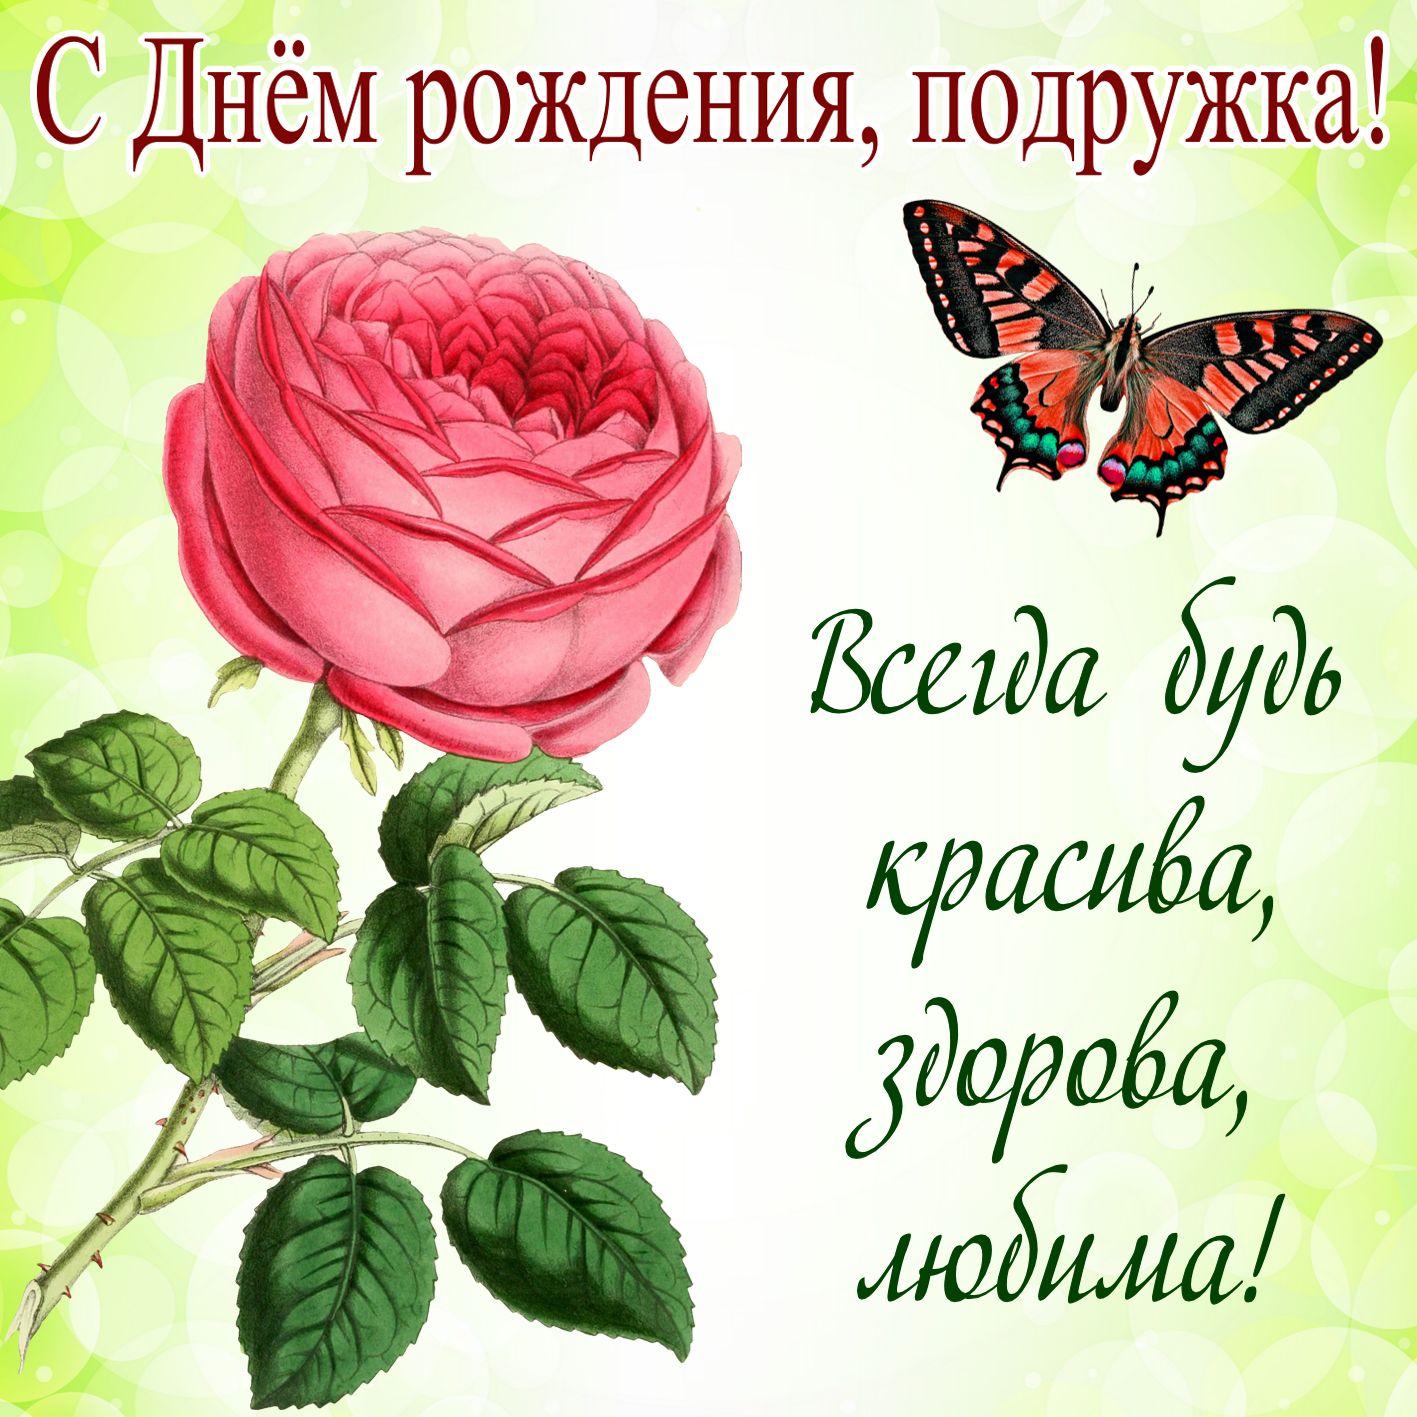 Красивая роза и пожелание подружке